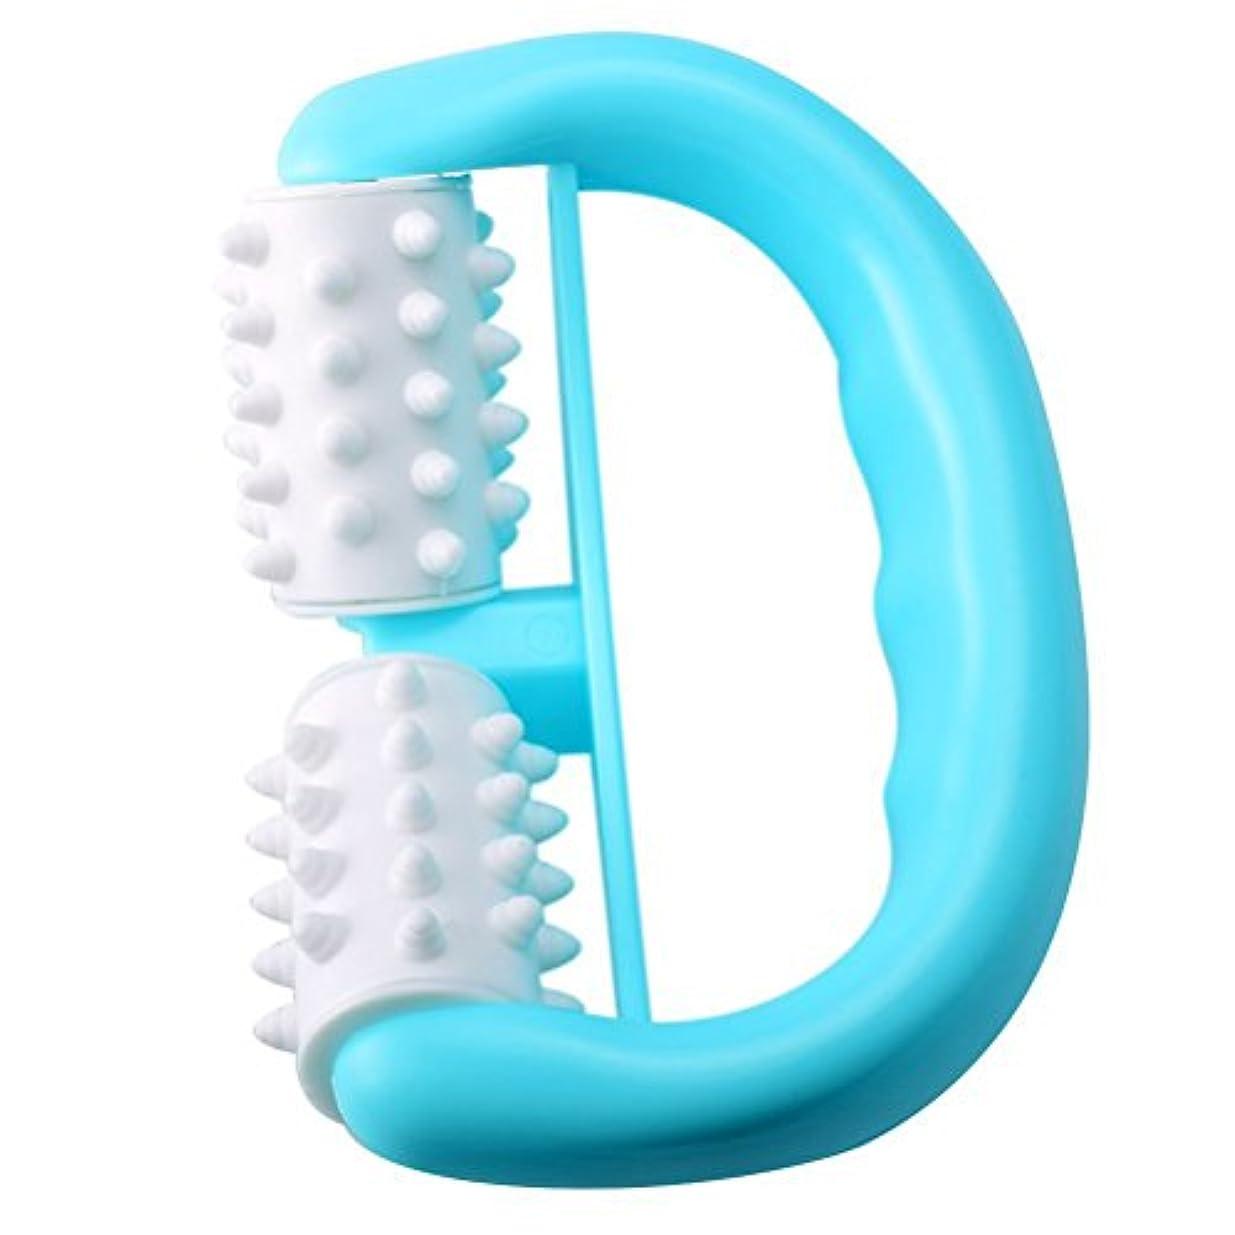 ルール環境ラメROSENICE セルライトマッサージャー深部組織筋筋肉解放ツールボディセラピーマッサージファットブラスター(青)